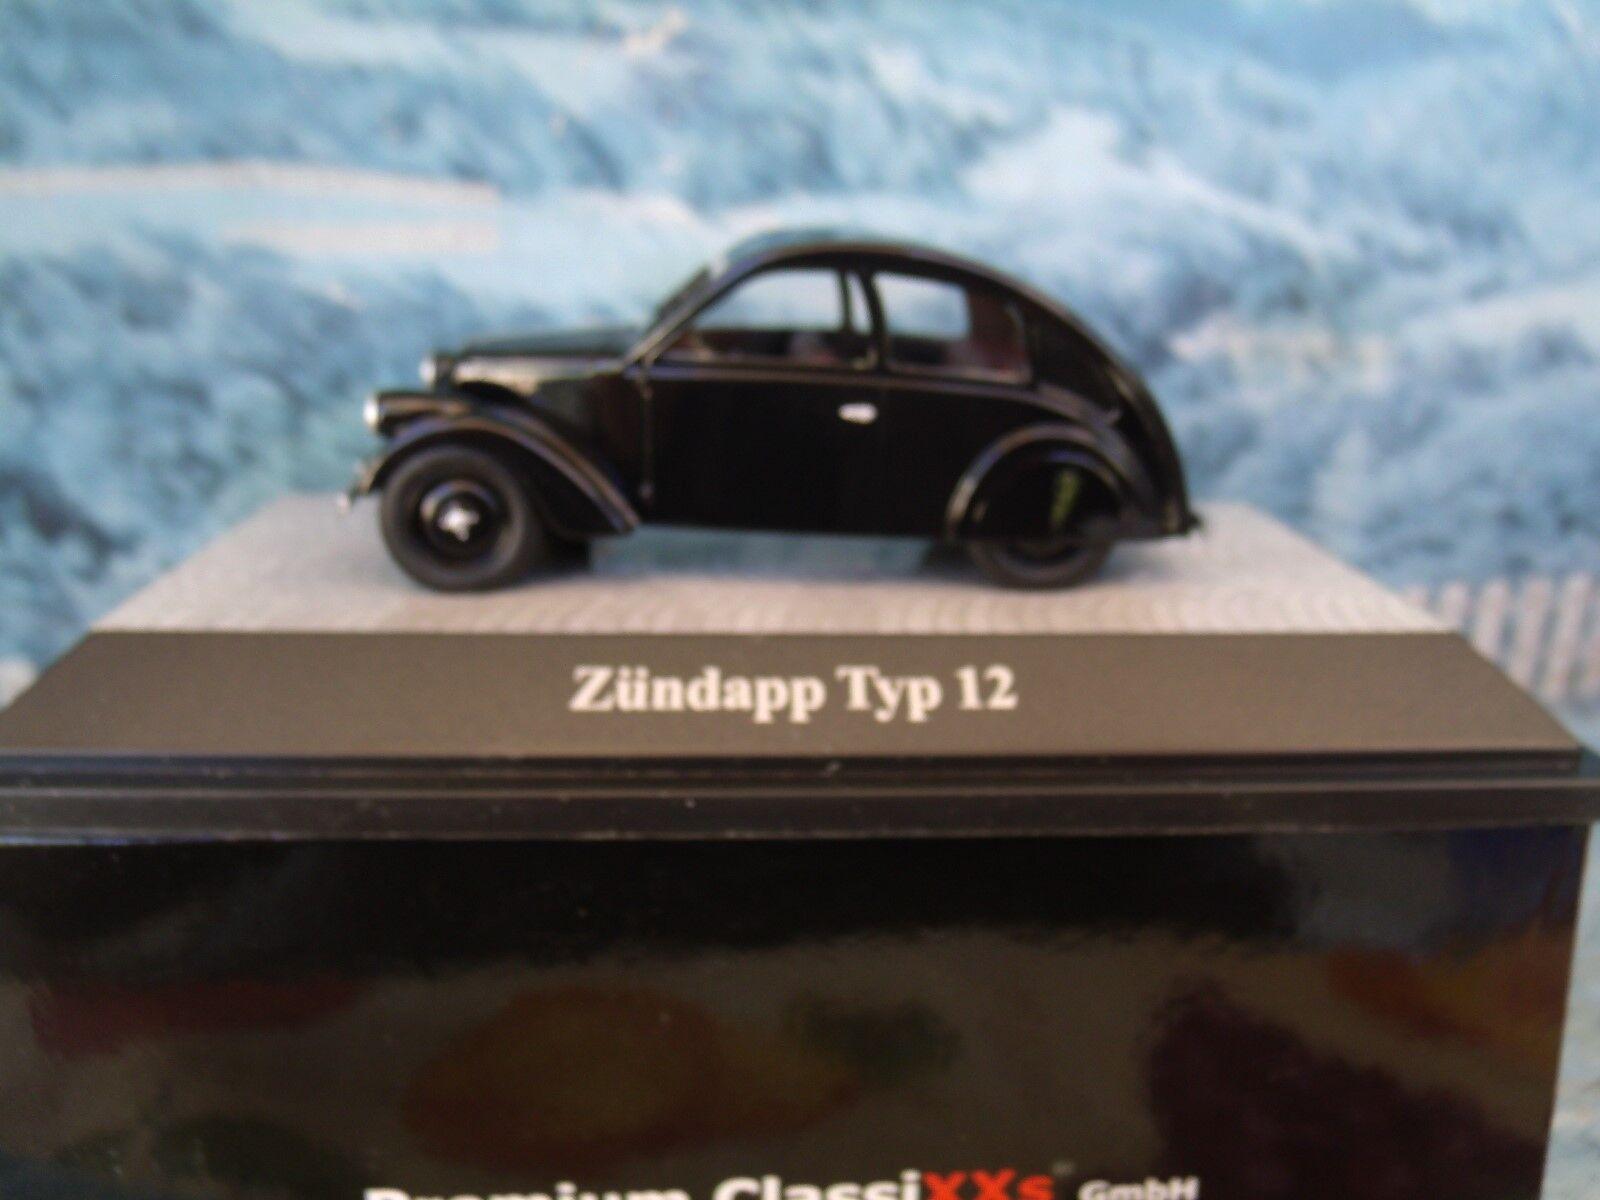 venta con alto descuento 1 43 PREMIUM CLASSIXXS (Alemania) (Alemania) (Alemania) Zuendapp tipo 12  barato y de alta calidad